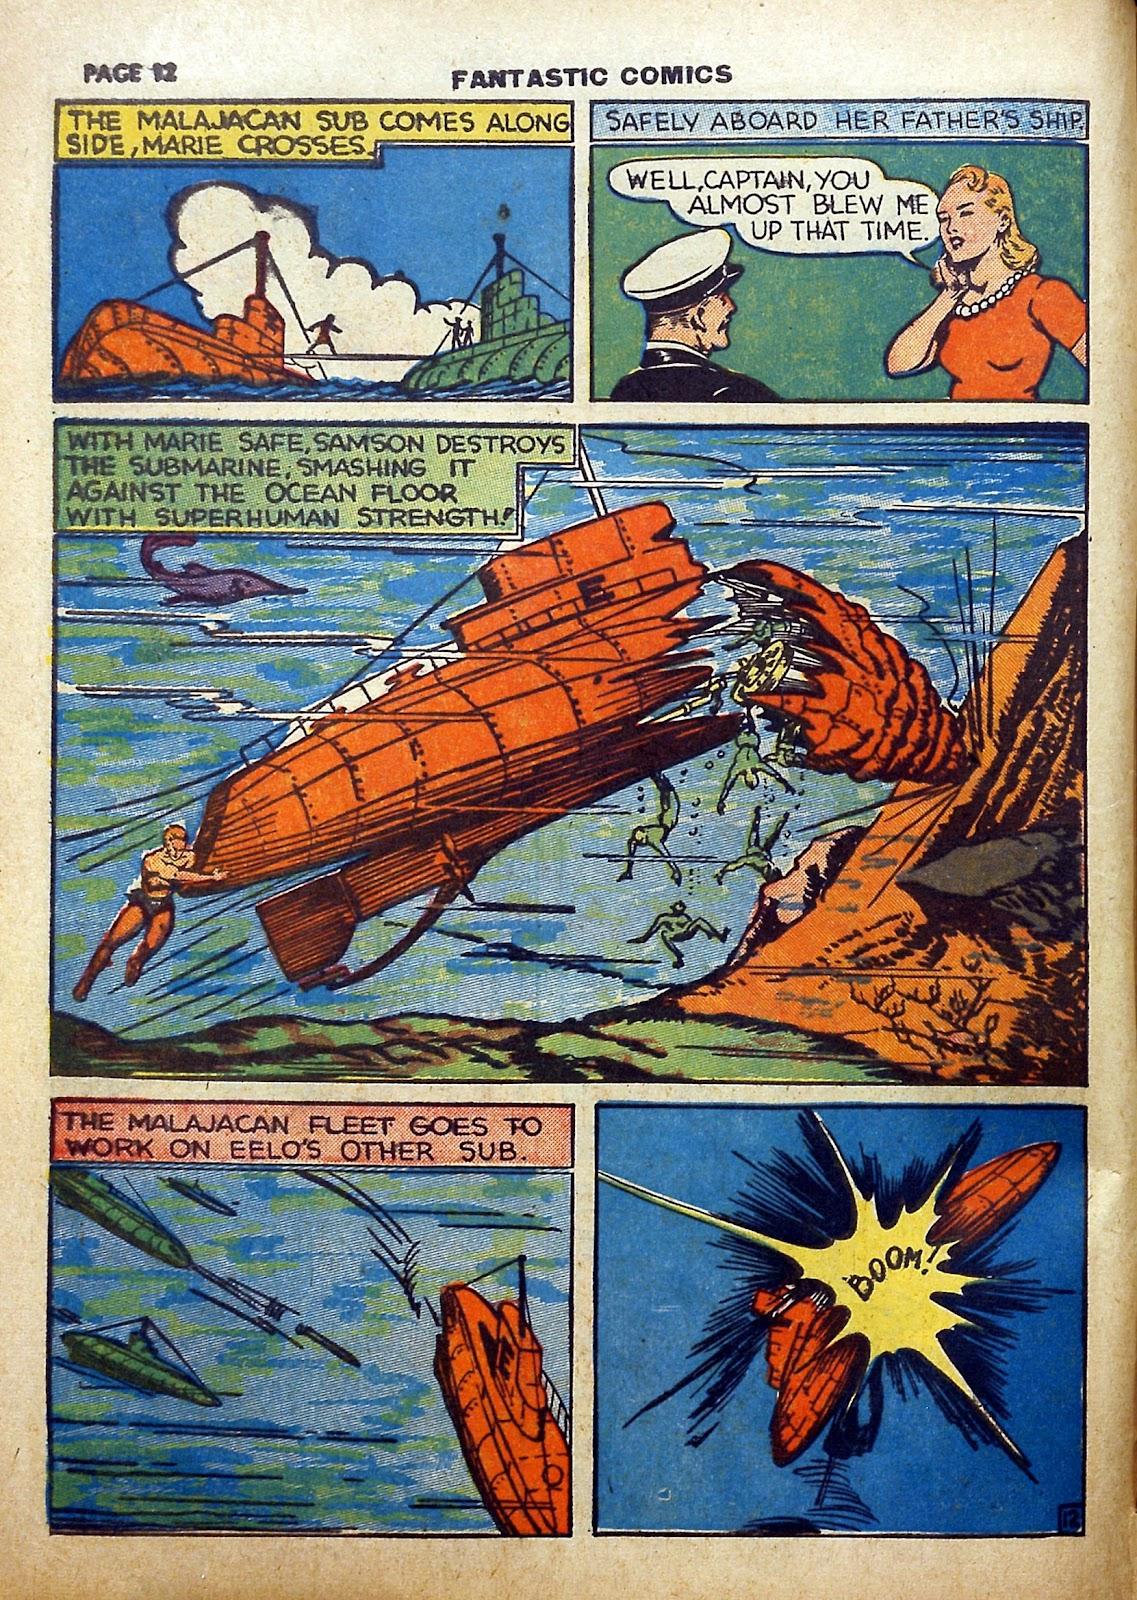 Read online Fantastic Comics comic -  Issue #5 - 13